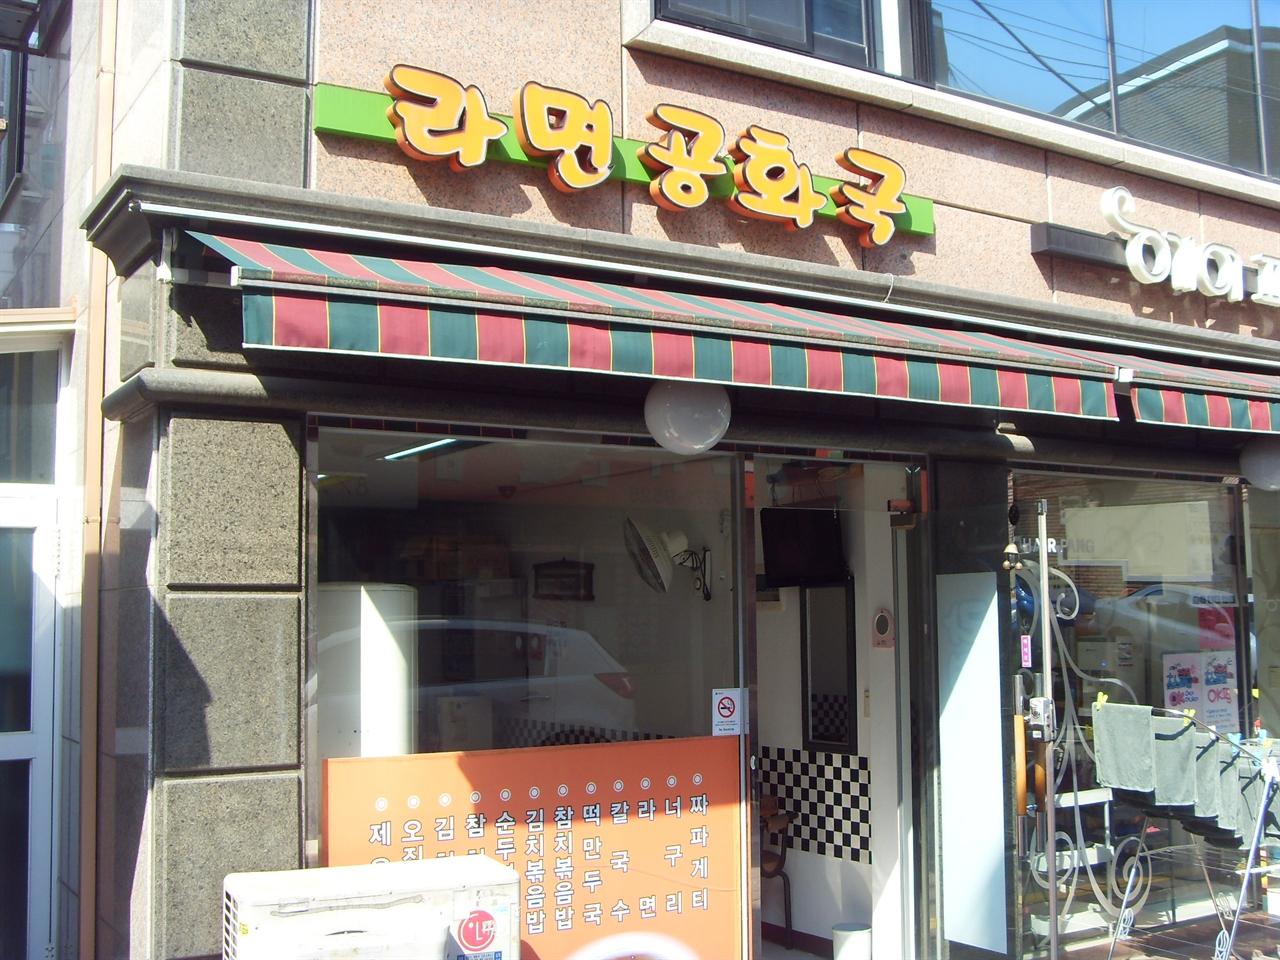 신림동 고시촌 저가 음식점 신림동 고시촌에는 싸게 한 끼를 해결할 수 있는 음식점들이 즐비해 있어서, 고시생들이 애용한다.